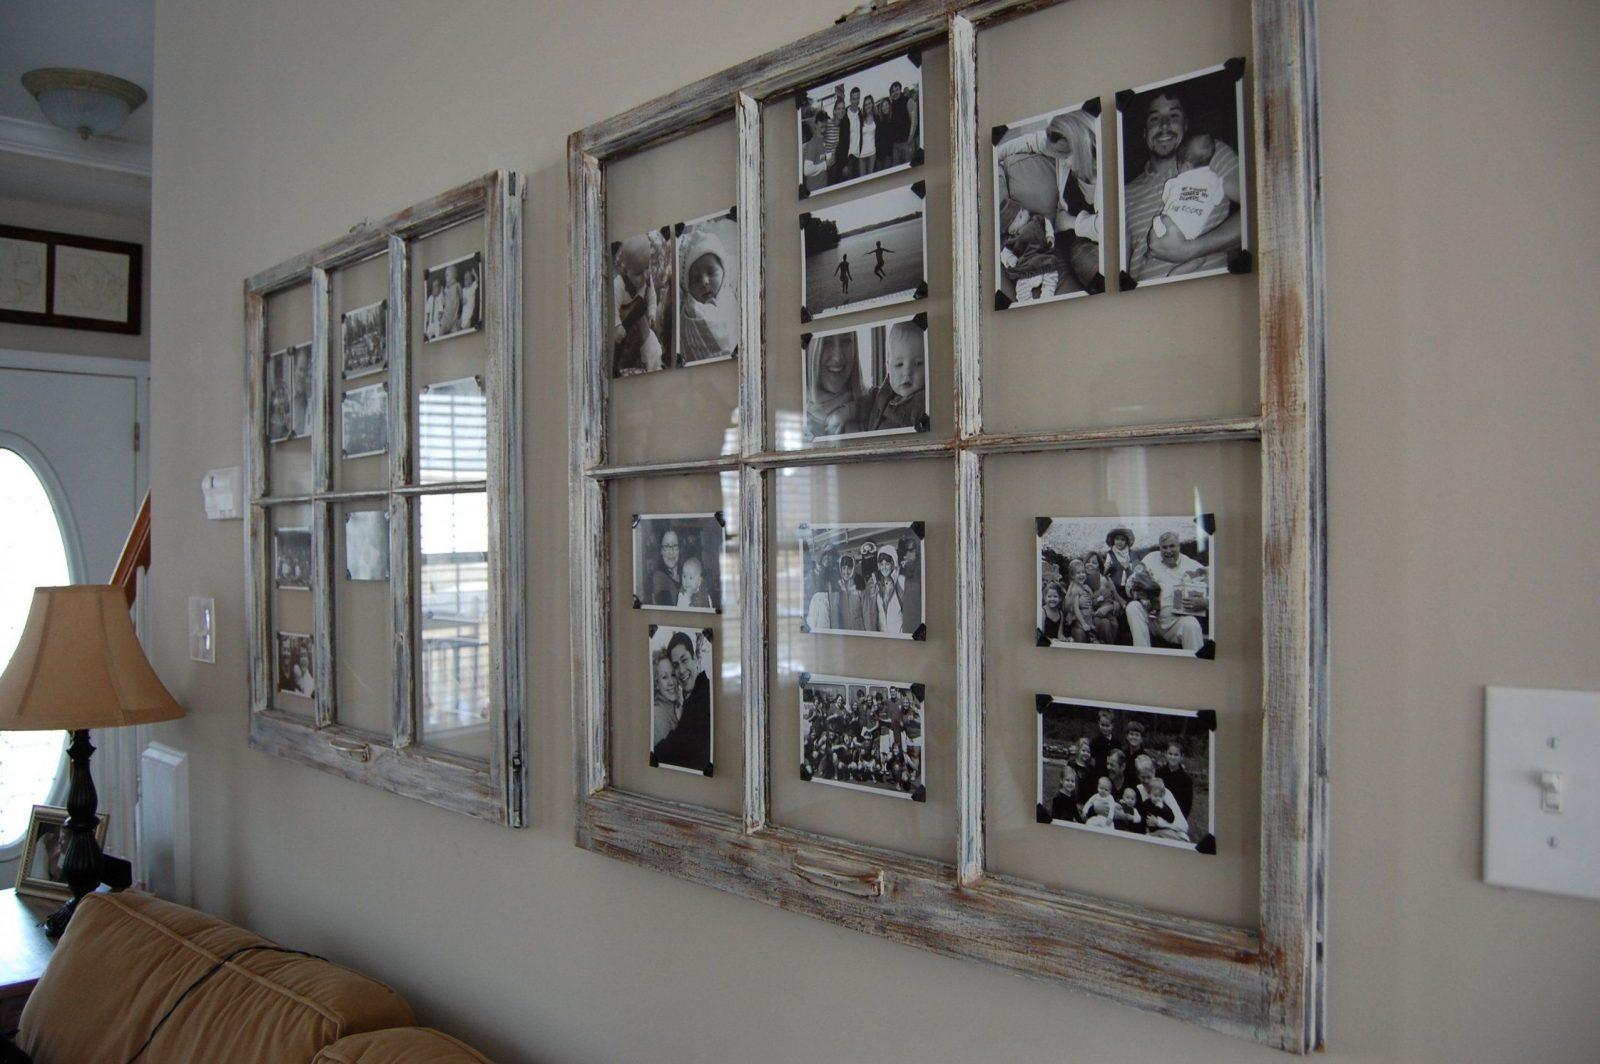 Wir Haben Schöne Alte Fenster Wäre Eine Gute Idee Für Den Flur von Dekoration Mit Alten Fenstern Bild